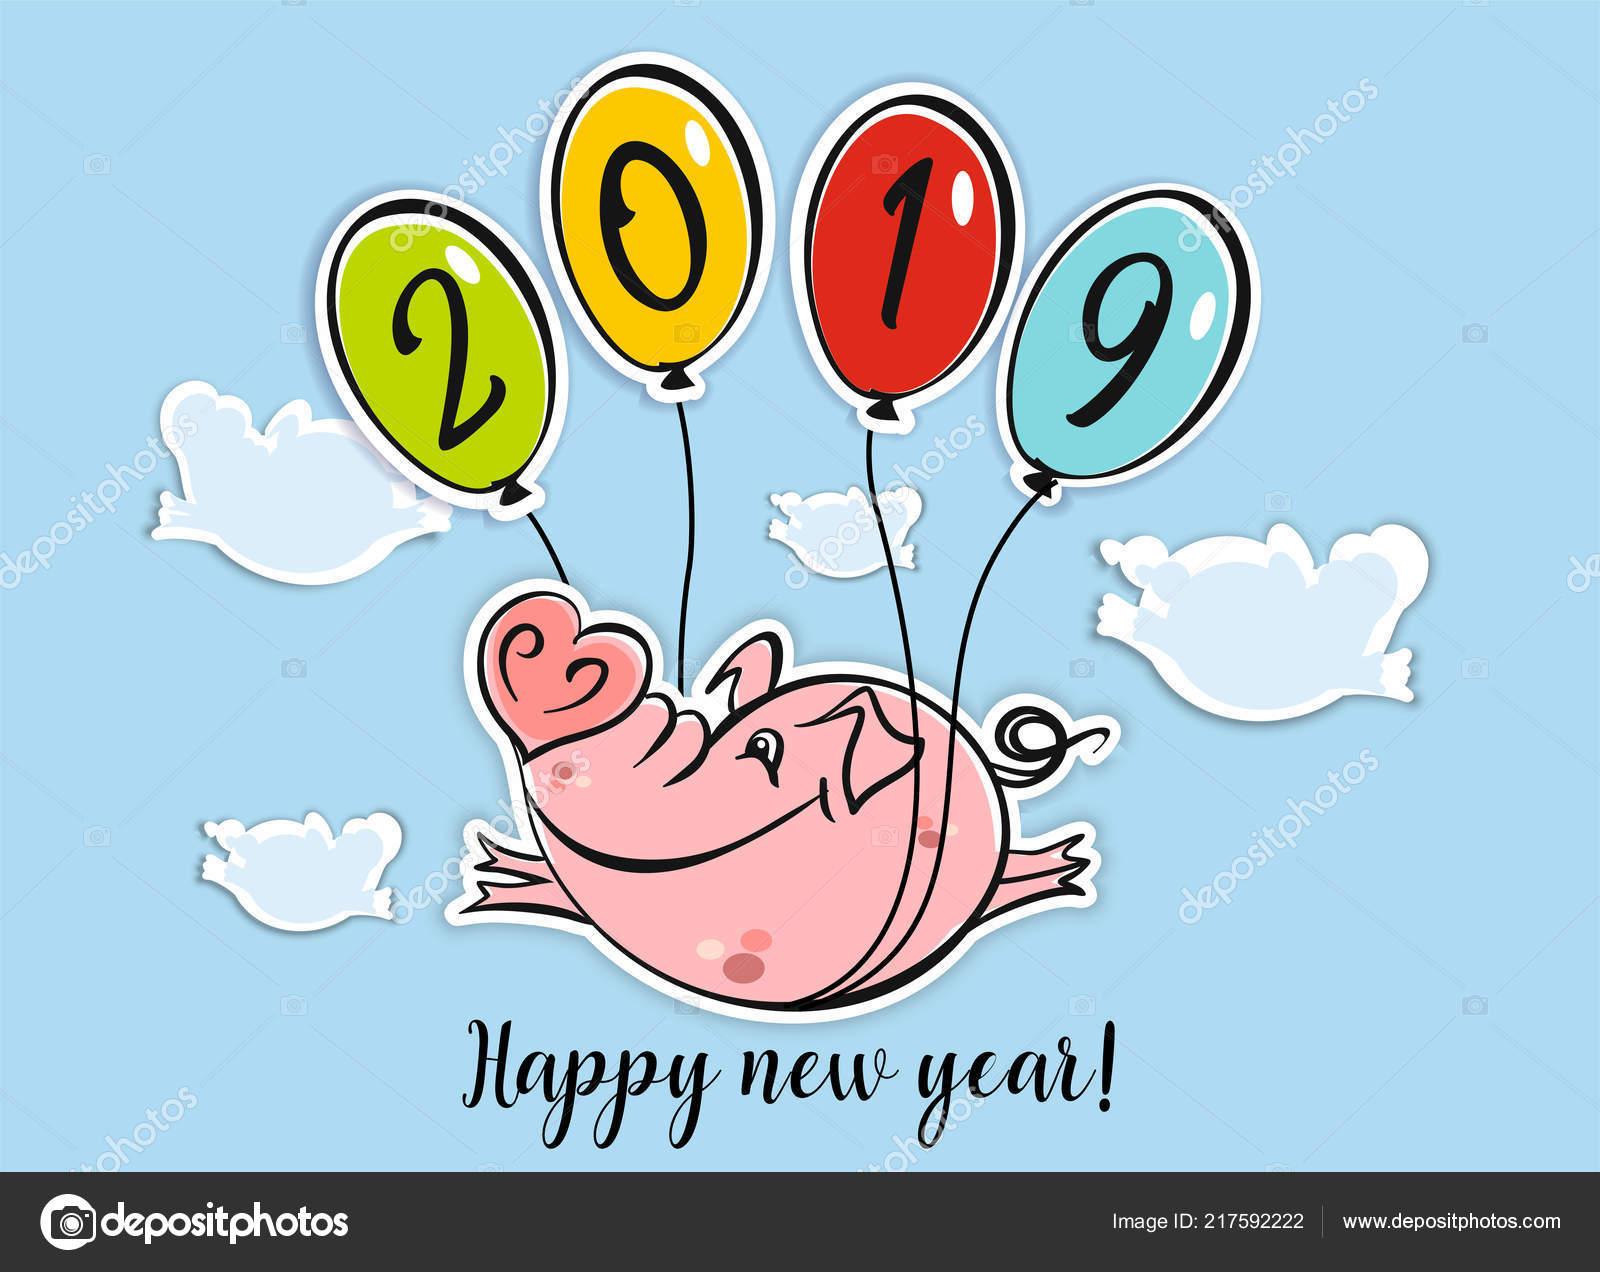 95573f09894e Bonne année. Carte de vœux. Le symbole de la nouvelle année 2019 est le  cochon. Porc drôle d oiseau sur ballons. Le style de dessin animé.